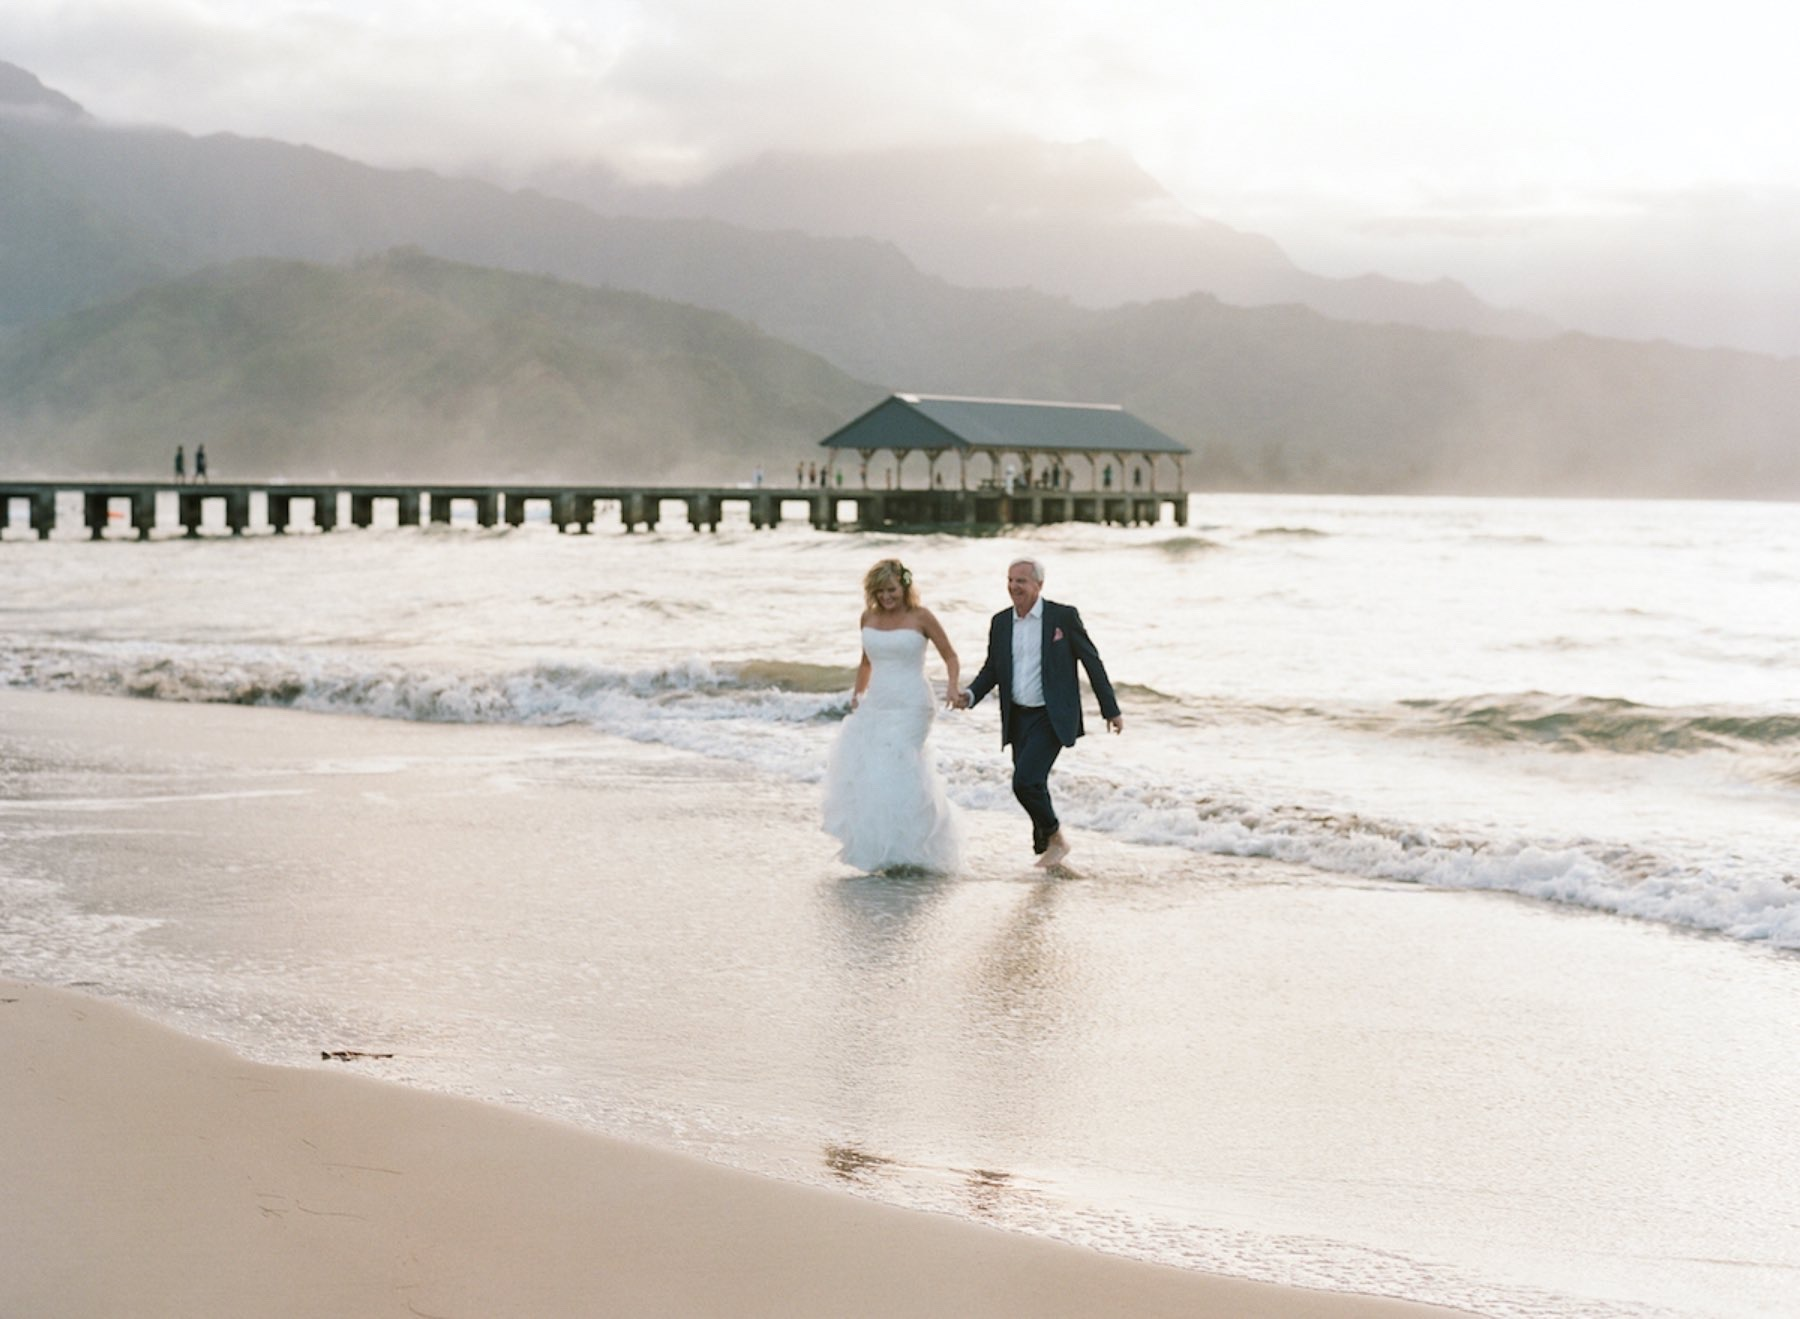 Jim & Rebecca walking on the beach in Kauai.